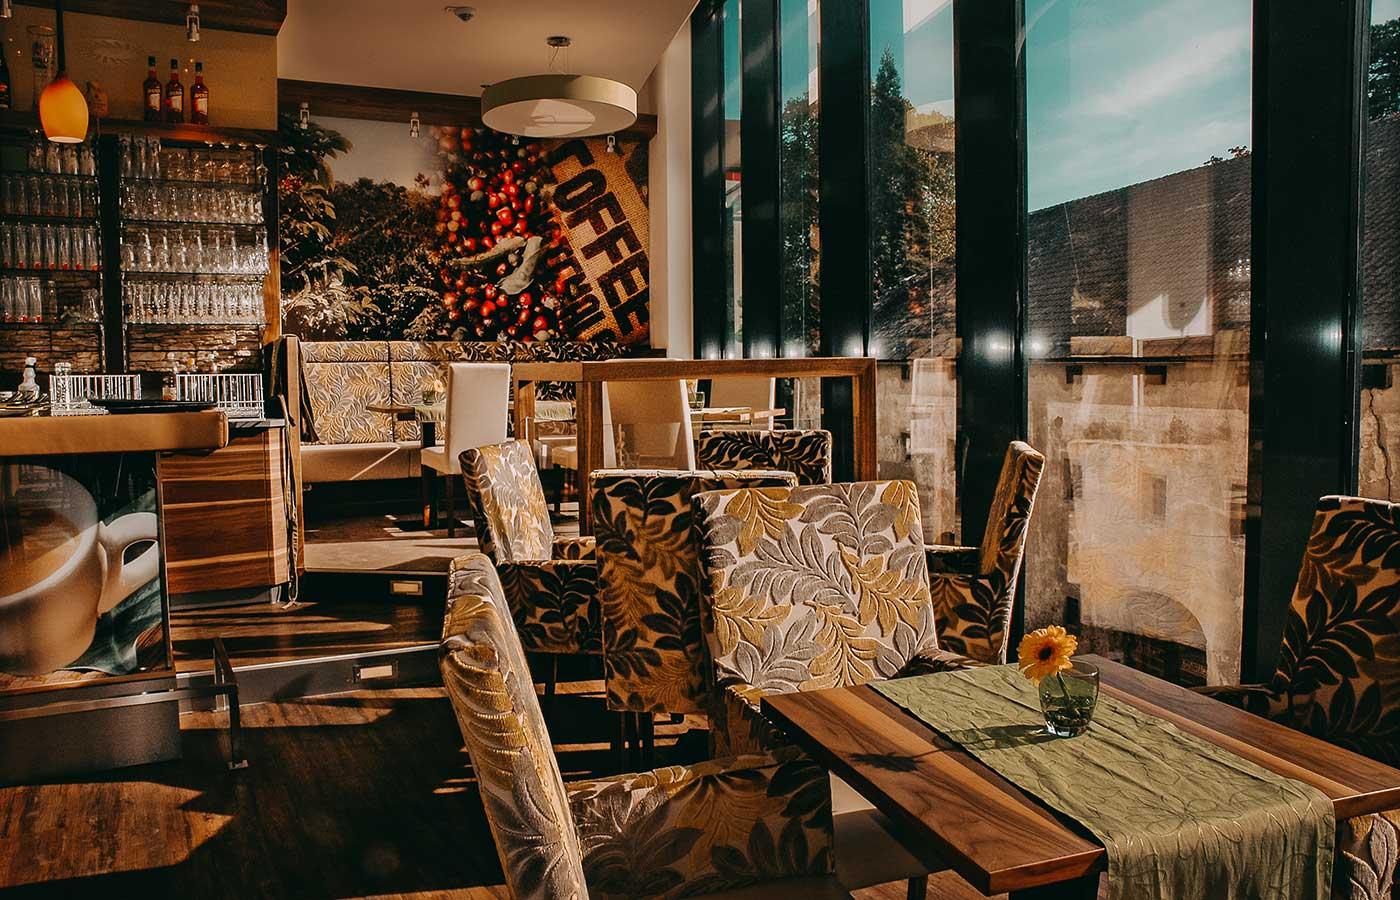 Das Cafe Die Kaffeemacher in der Stadtgalerie in Schwaz in Tirol